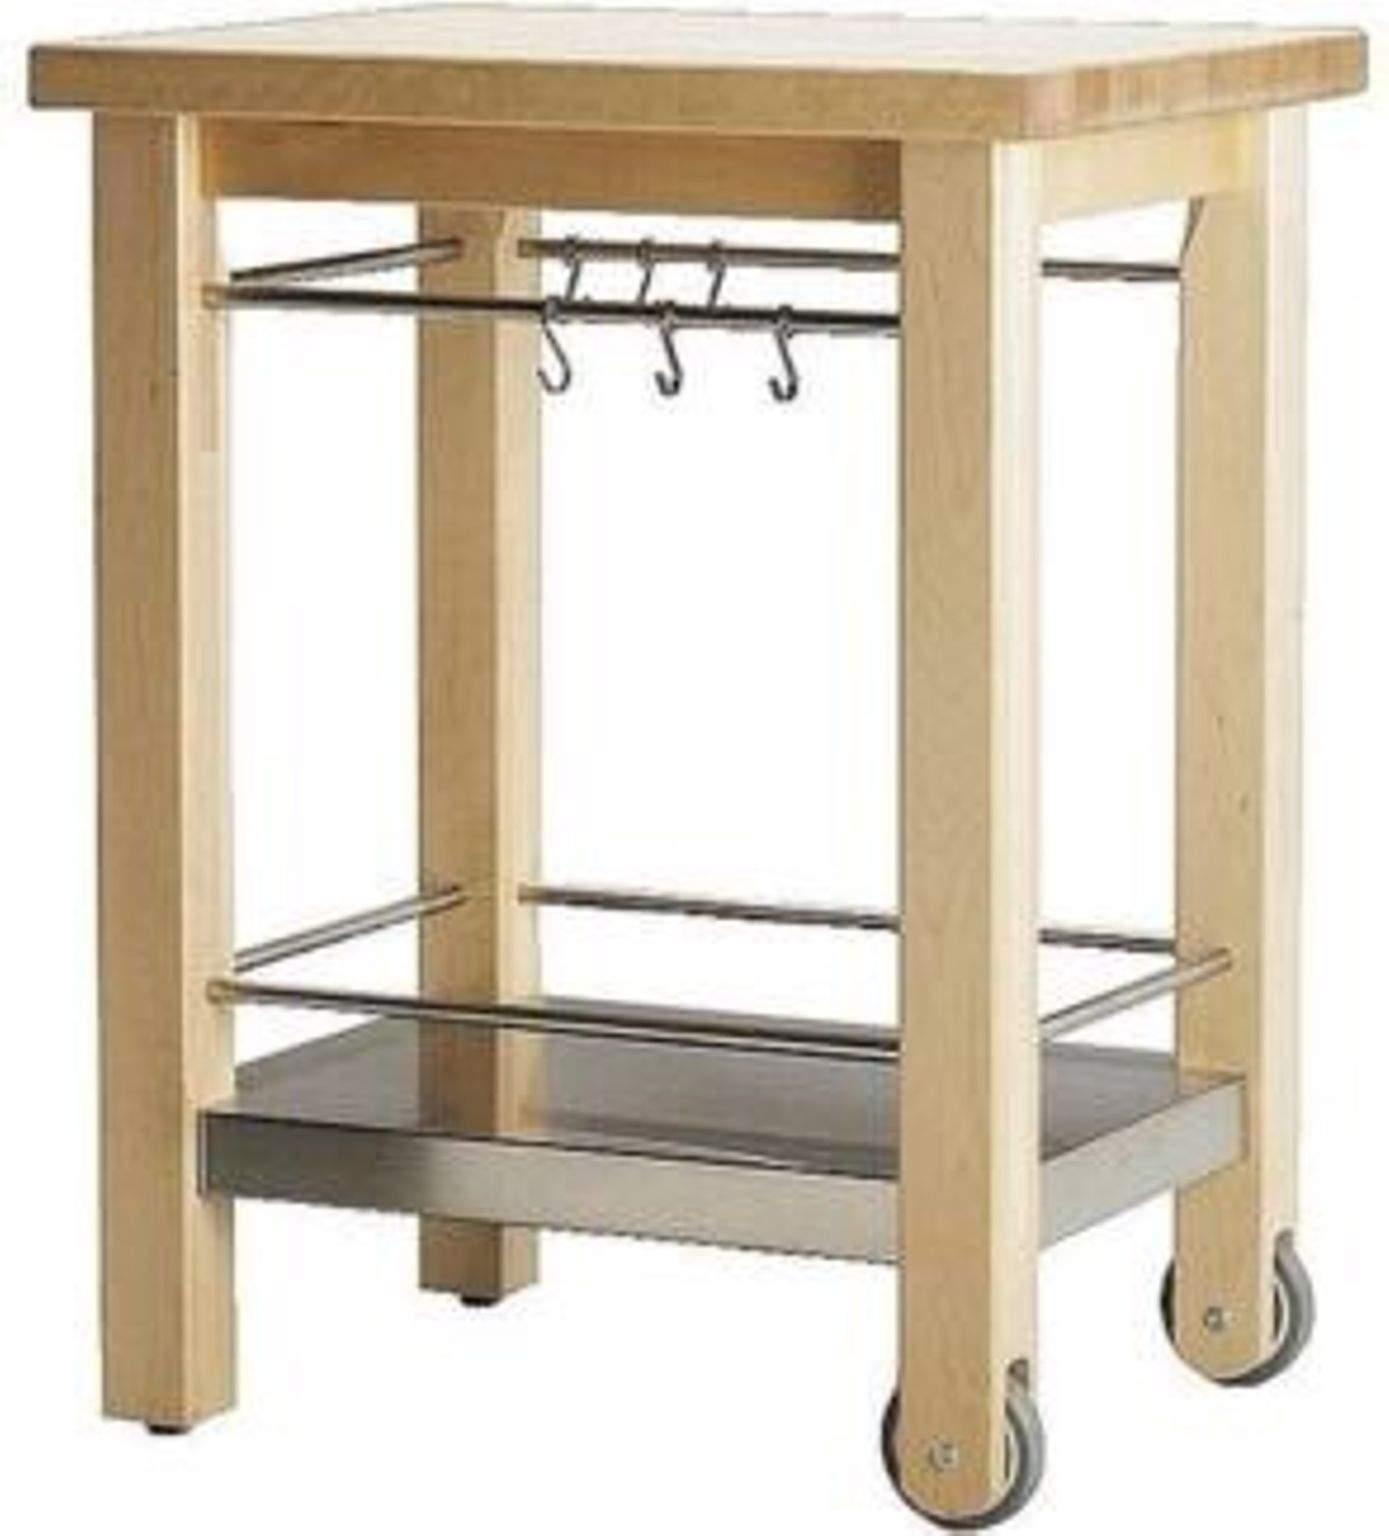 servierwagen vaerde von Ikea